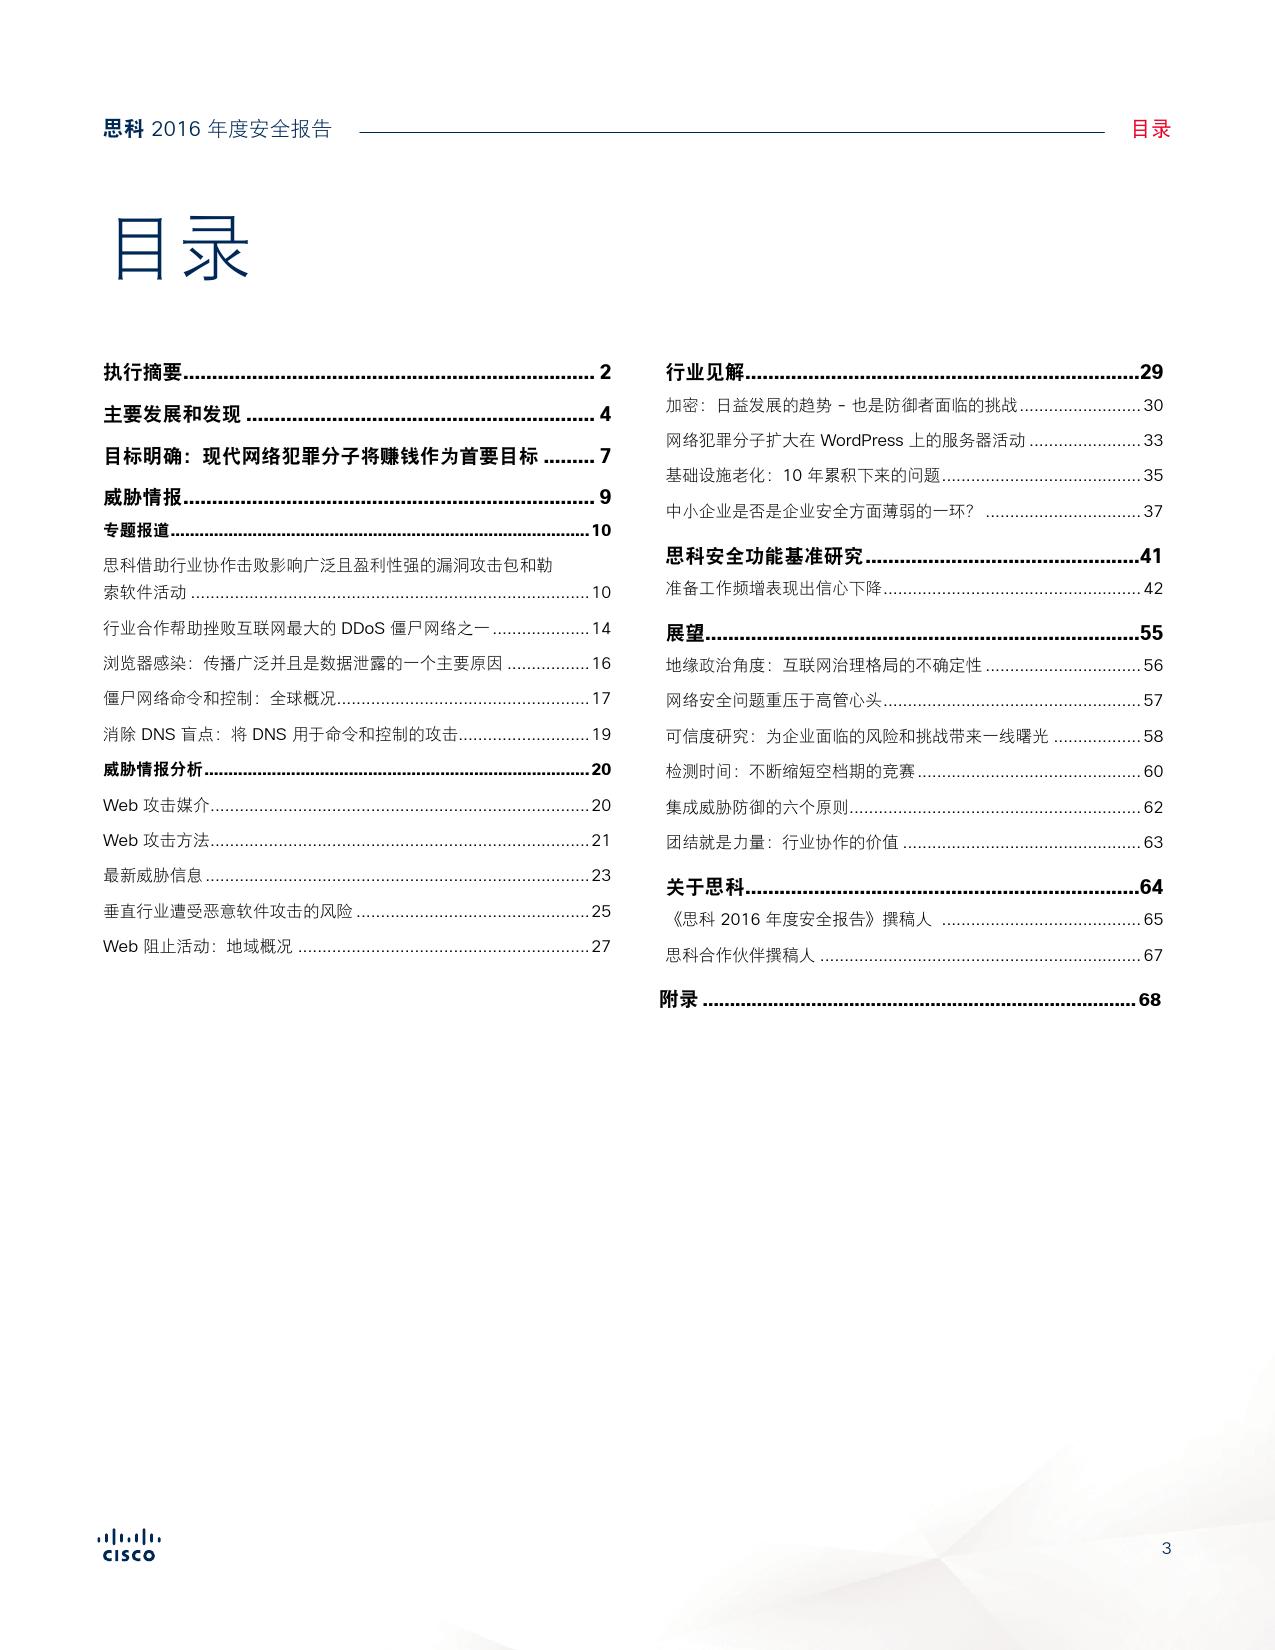 2016年中网络安全报告_000003